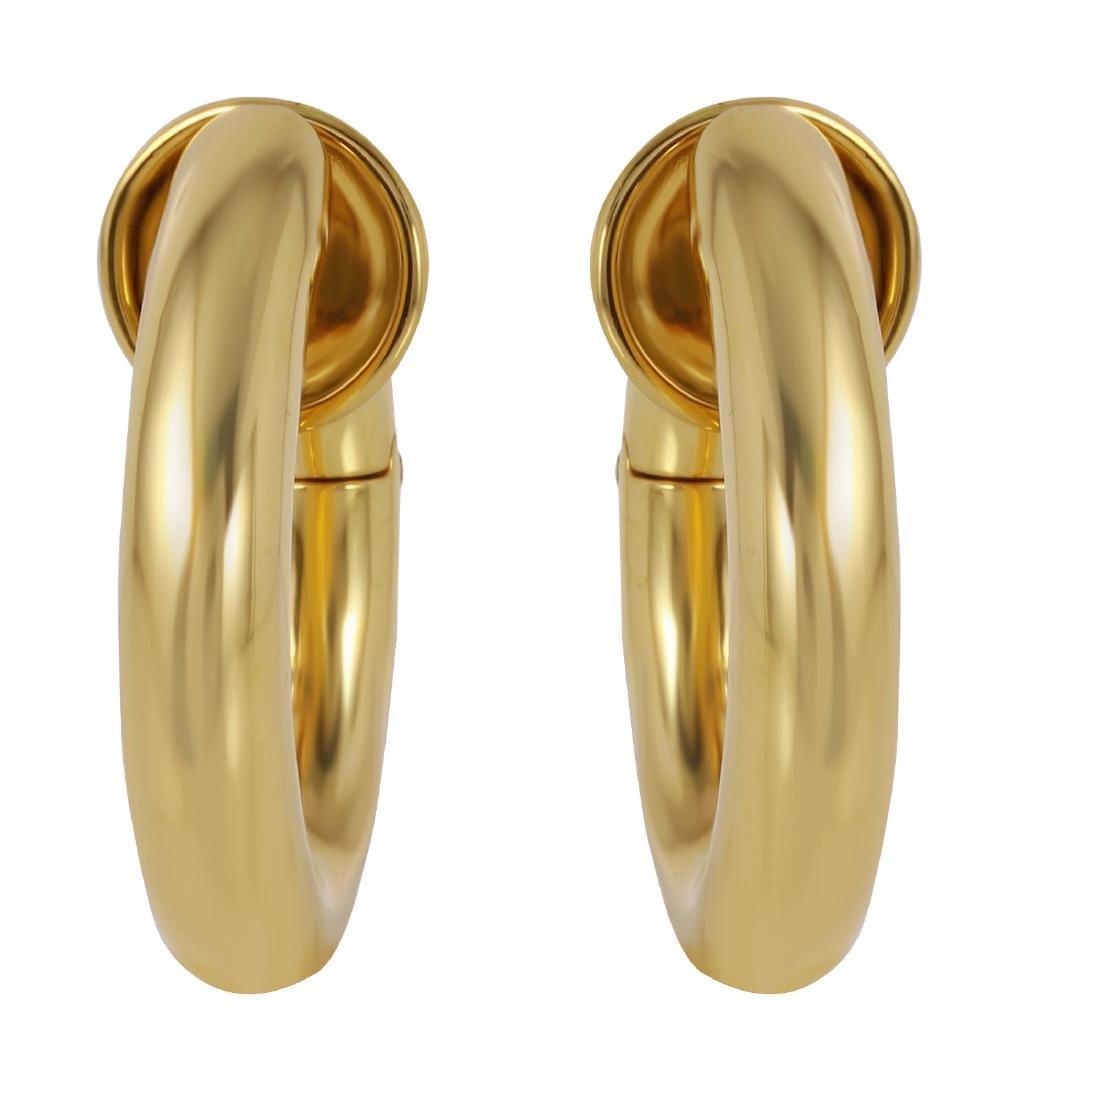 Pomellato 18KT Yellow Gold Hoop Earrings